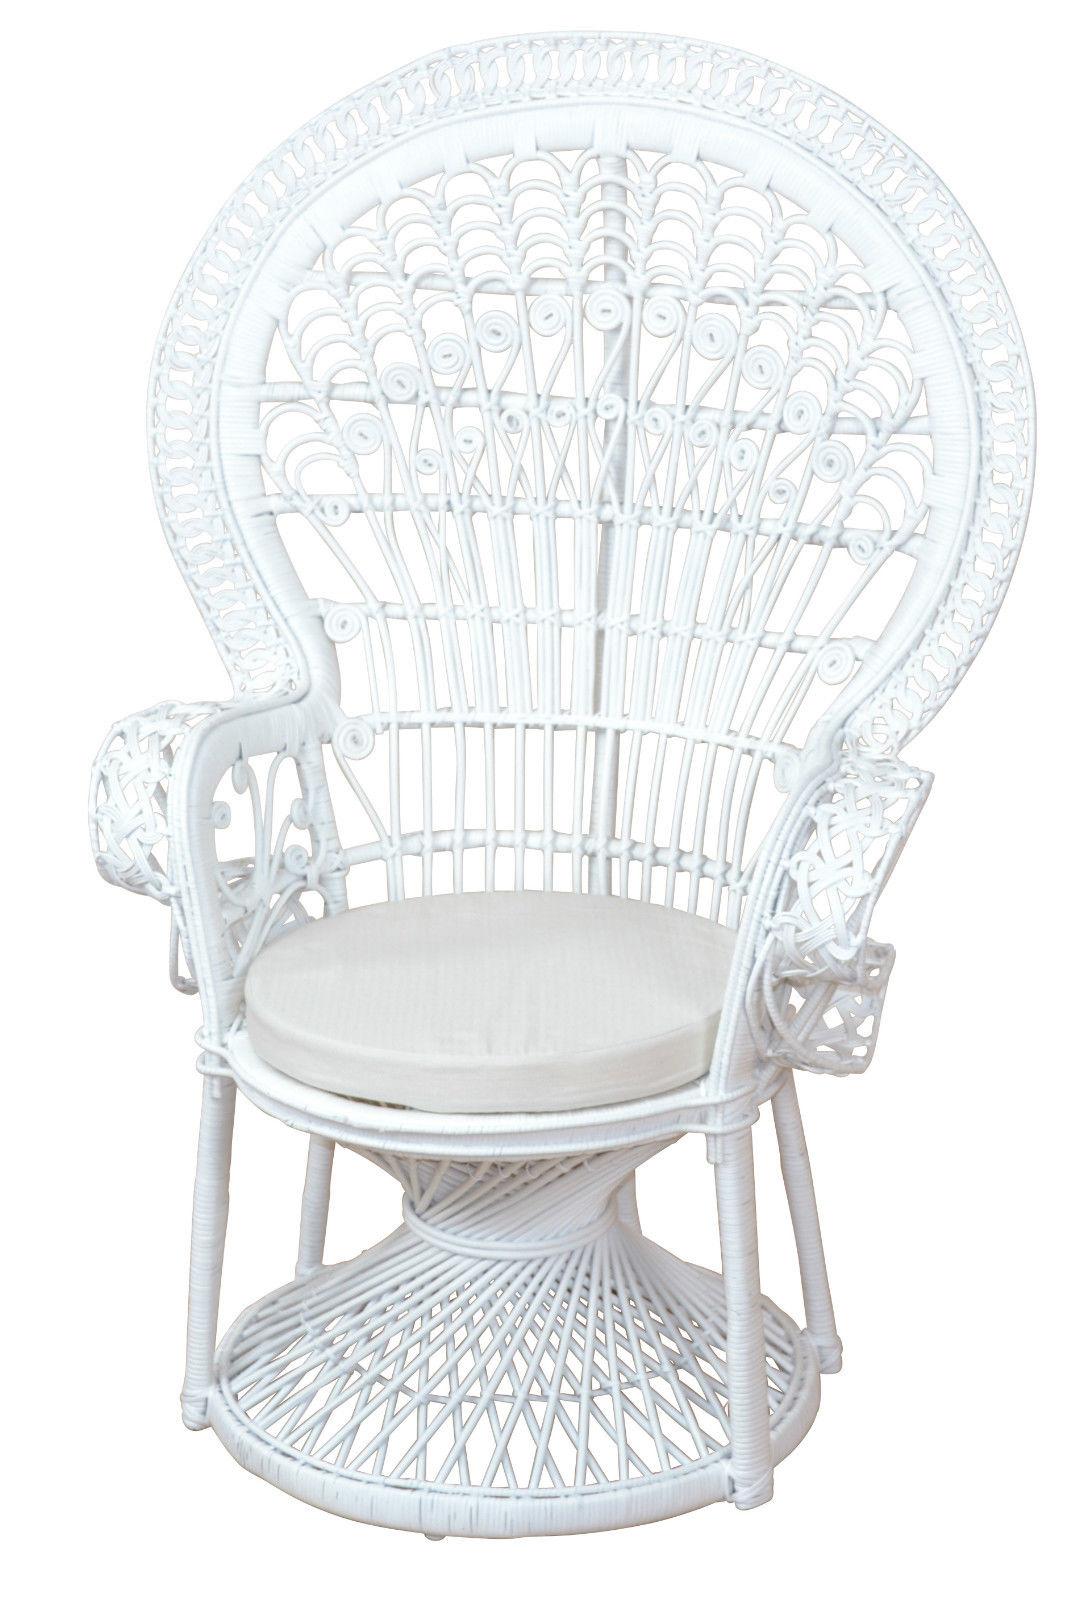 pfauenthron wei rattansessel sessel rattan rattanstuhl hochwertig handgeflochte kaufen bei go. Black Bedroom Furniture Sets. Home Design Ideas